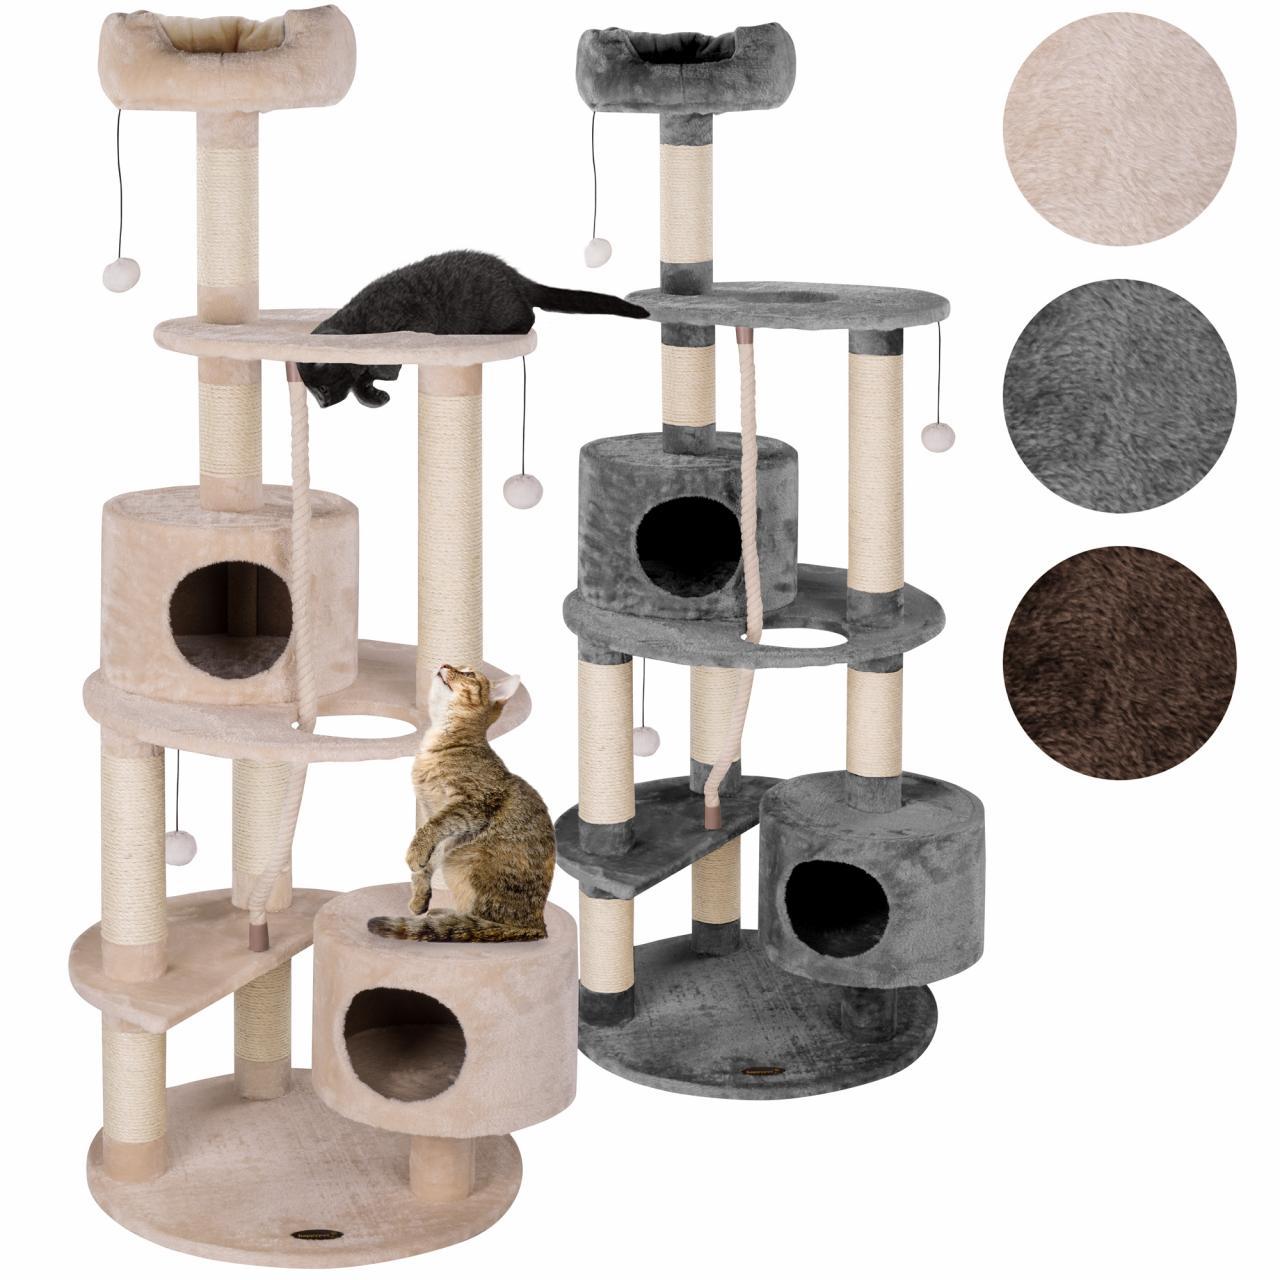 arbre chat griffoir grattoir 100cm diverses couleurs happypet cat018 neuf ebay. Black Bedroom Furniture Sets. Home Design Ideas